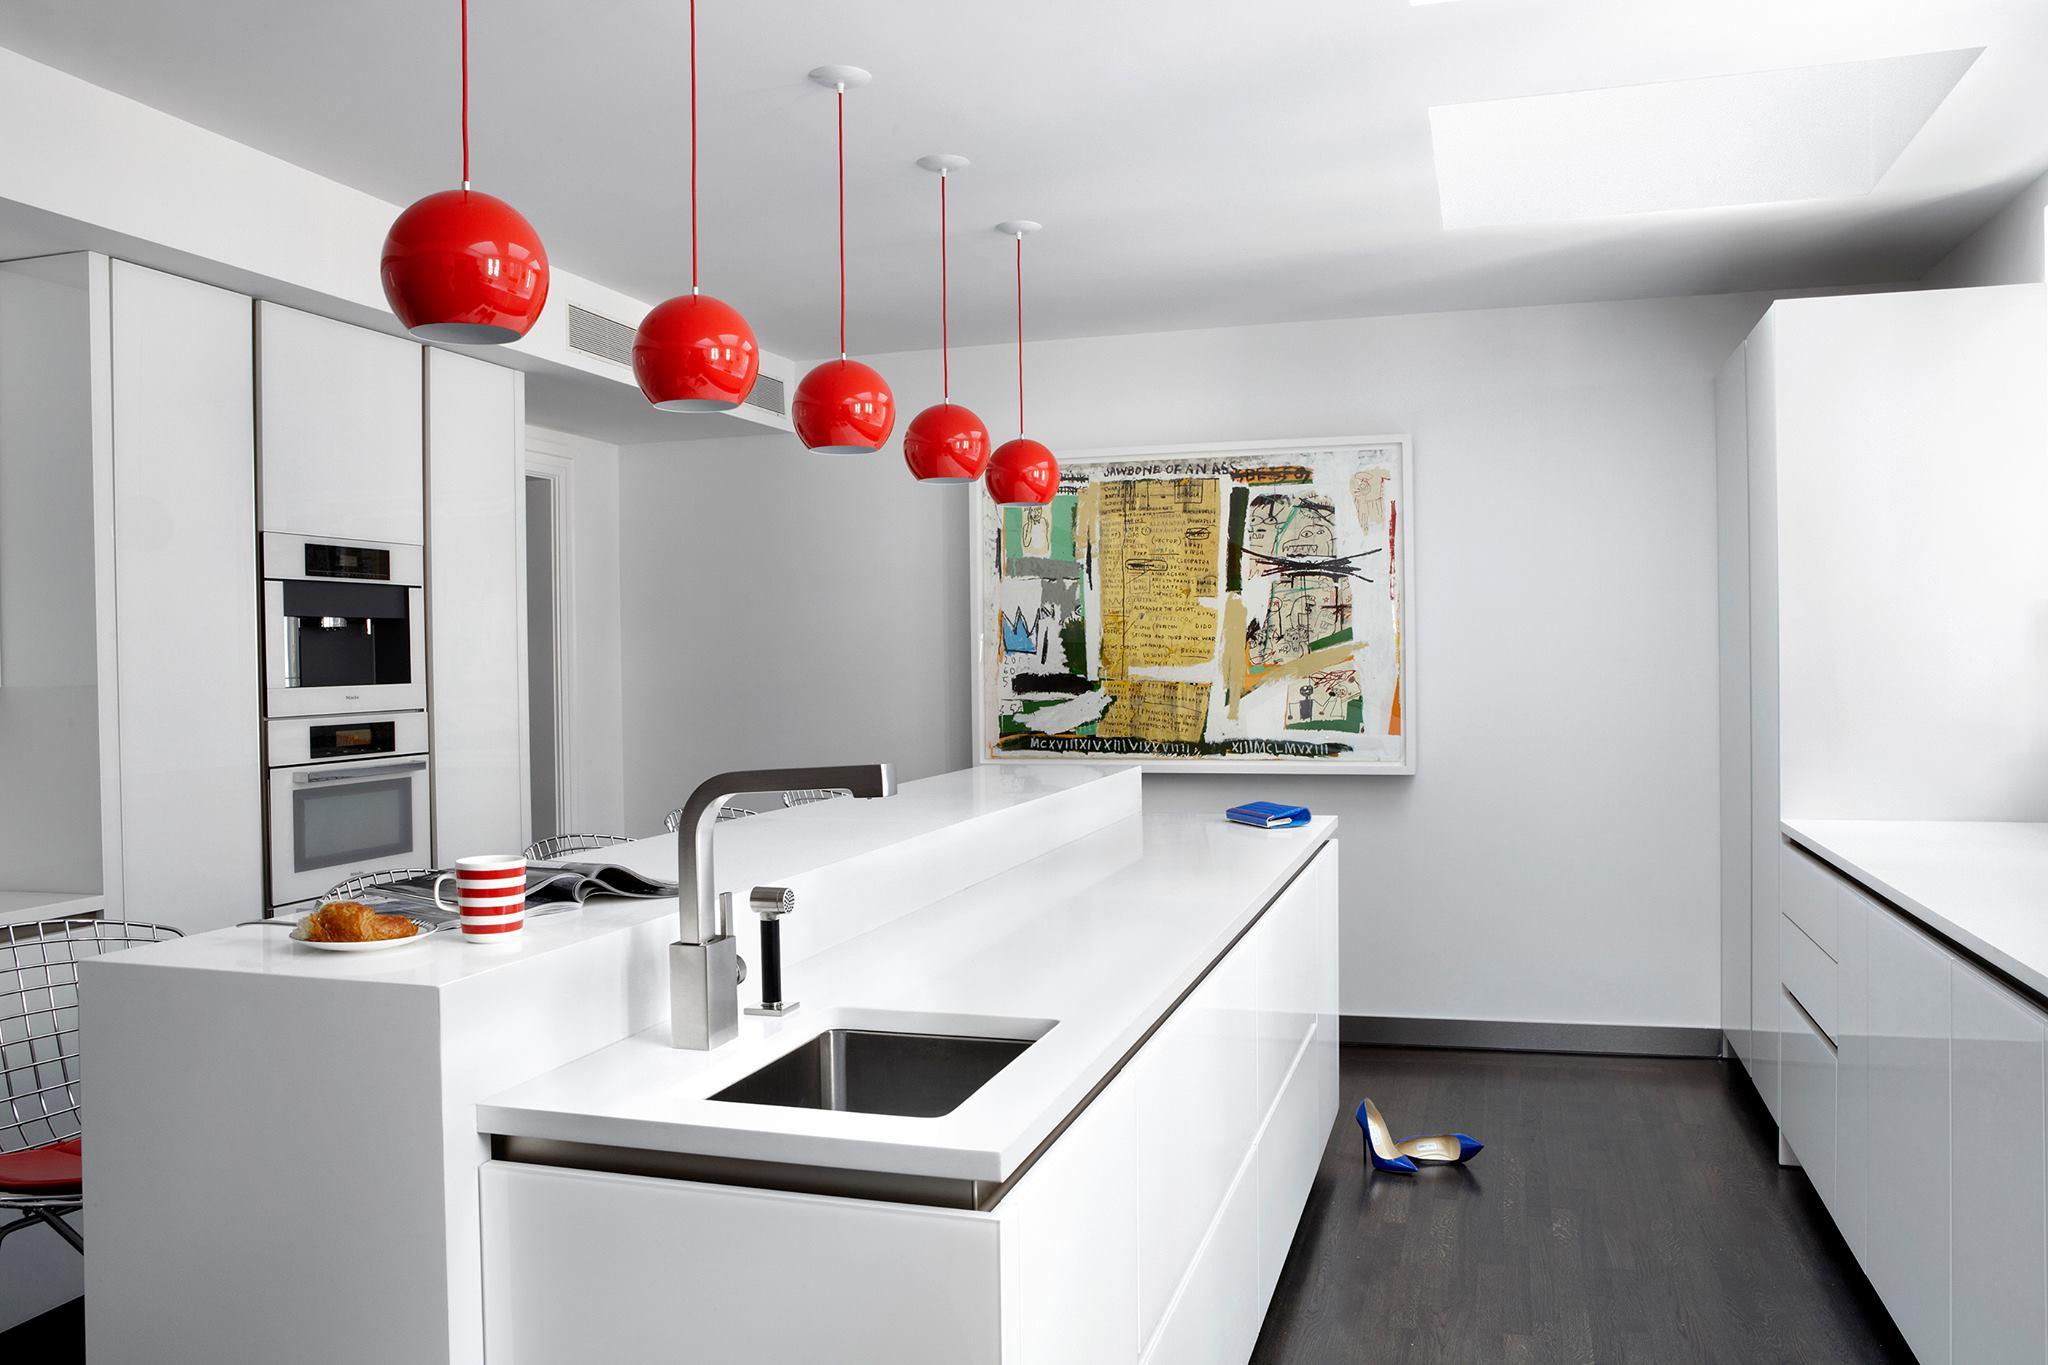 Warendorf Küchen Preise großzügig warendorf küchen preise ideen schlafzimmer ideen